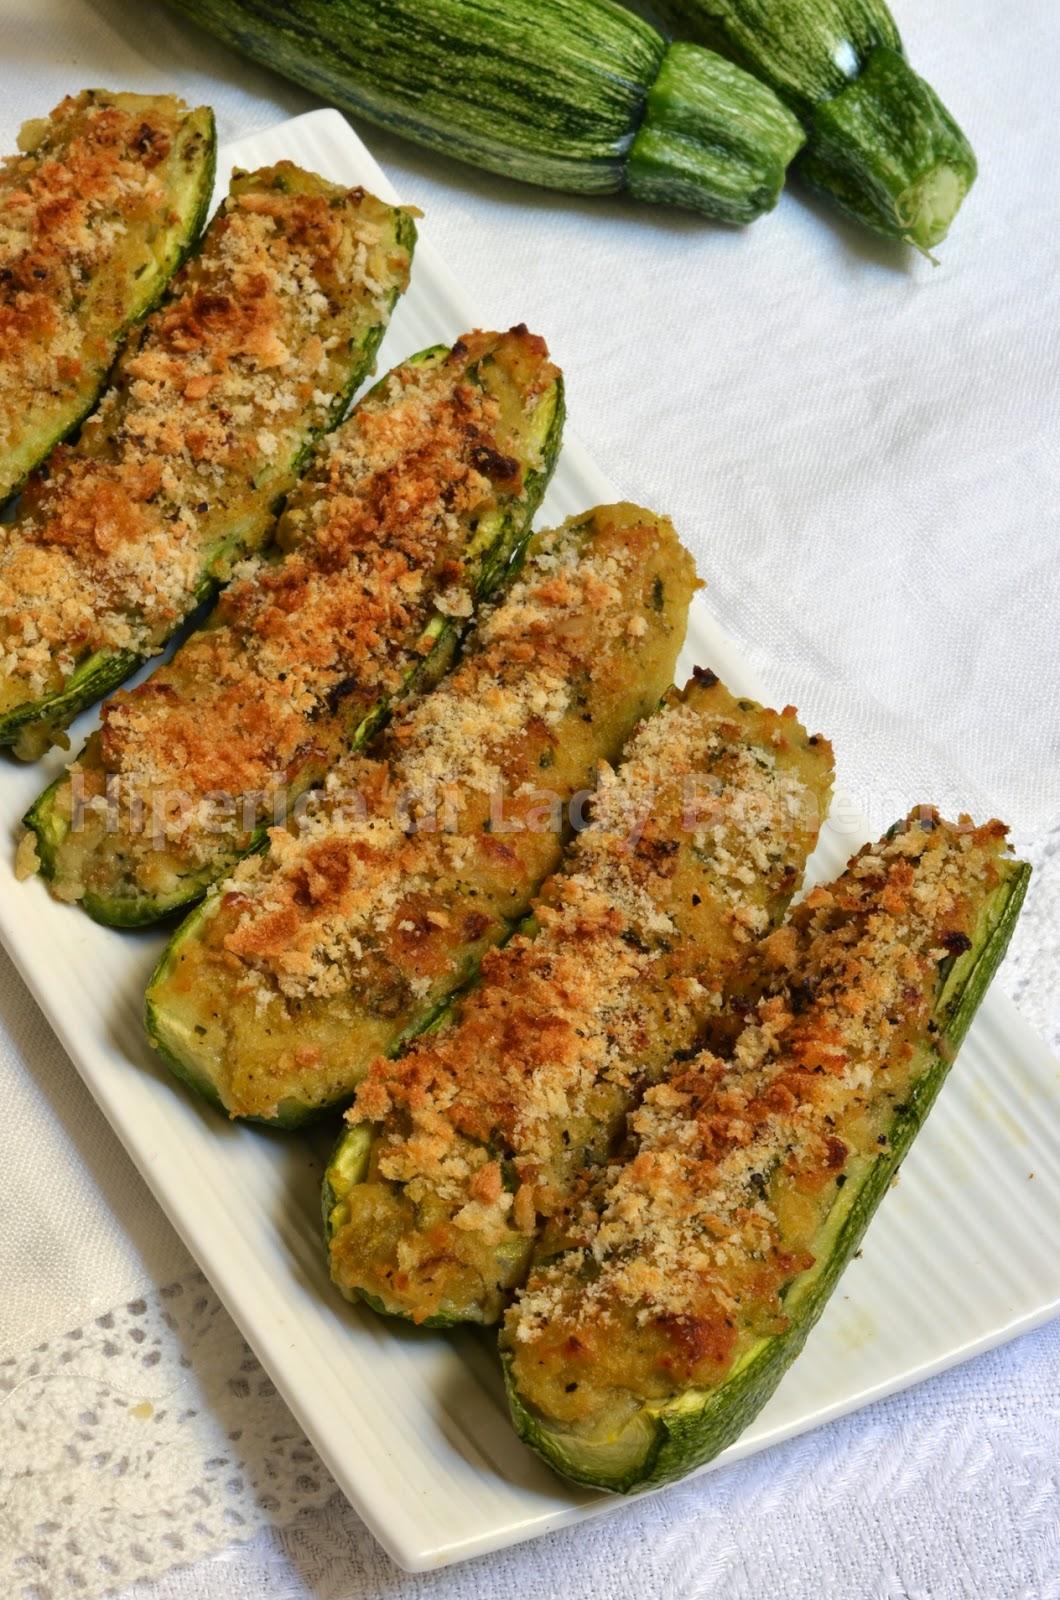 hiperica_lady_boheme_blog_cucina_ricette_gustose_facili_veloci_zucchine_ripiene_vegetariane_2